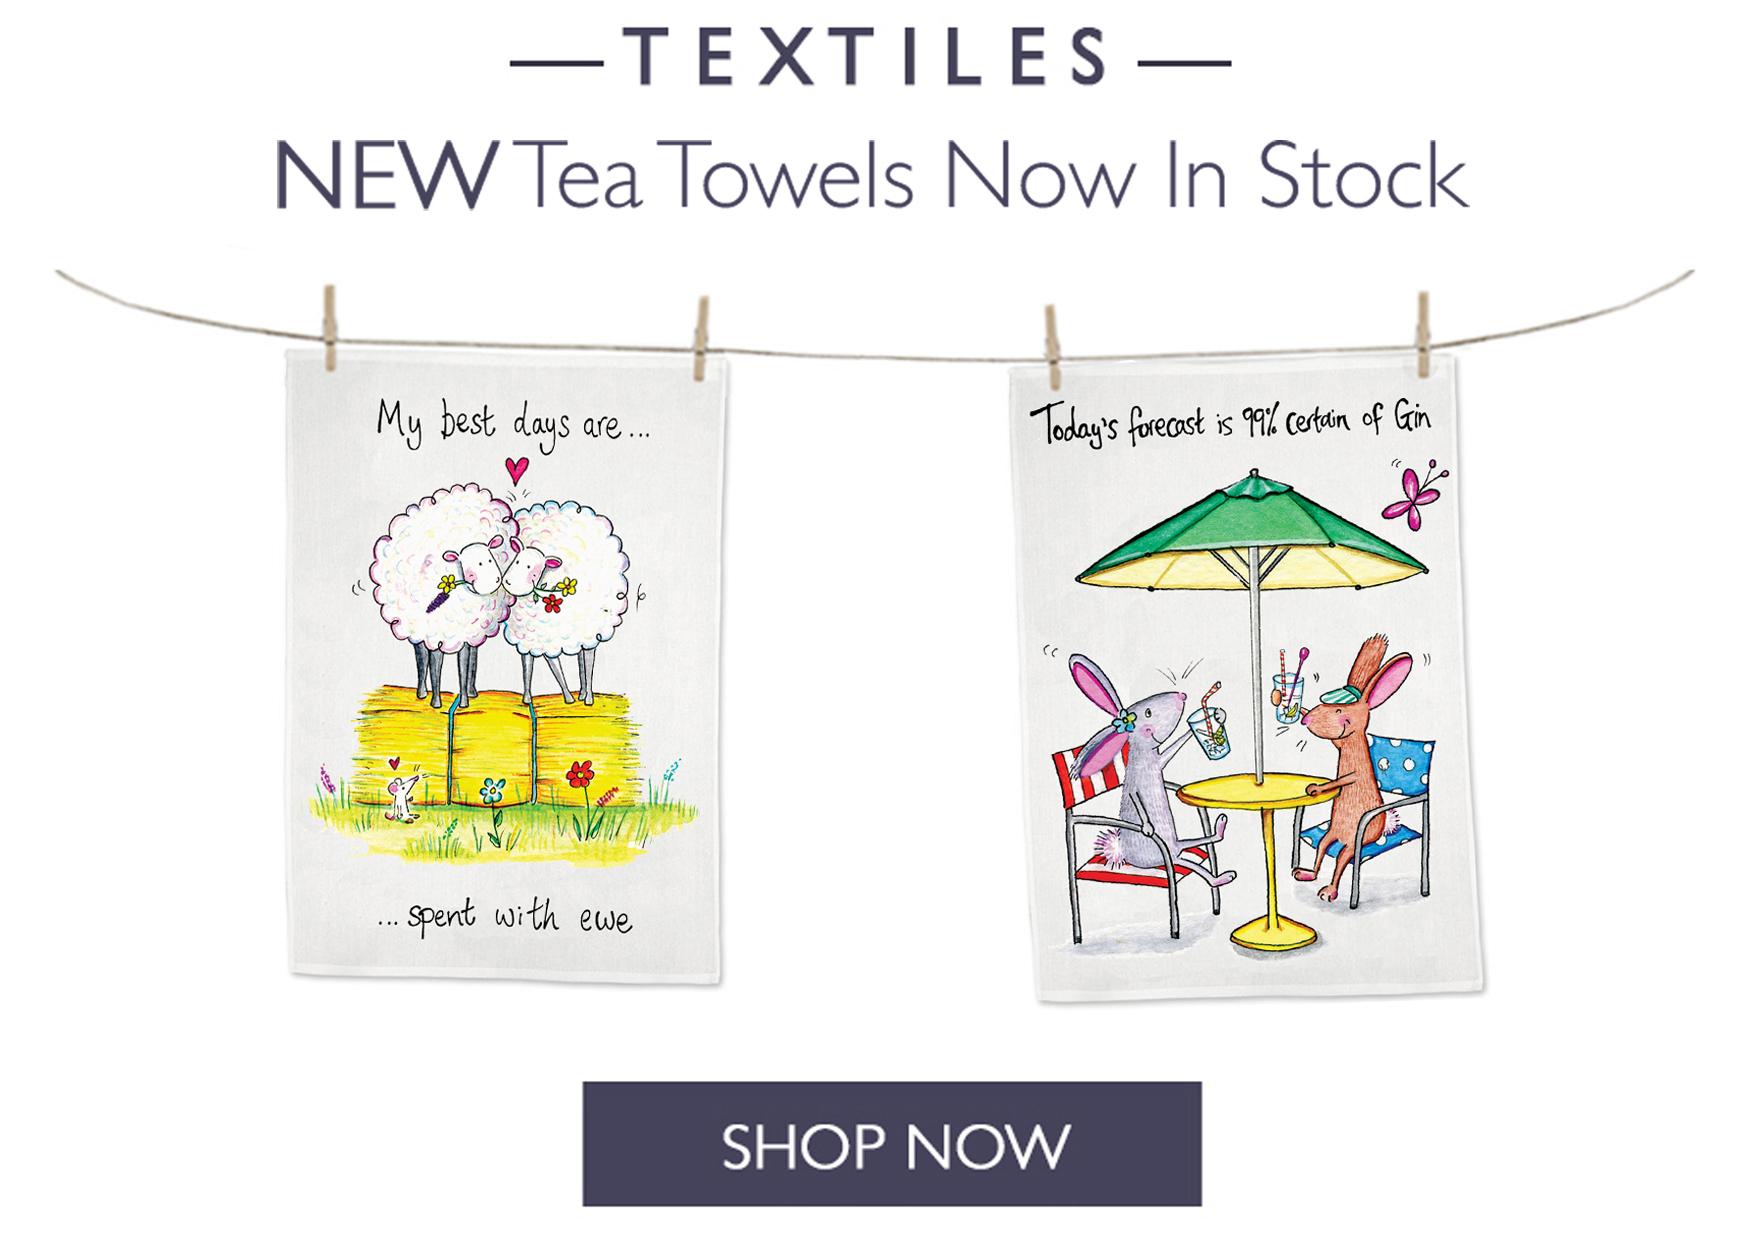 New Tea Towels